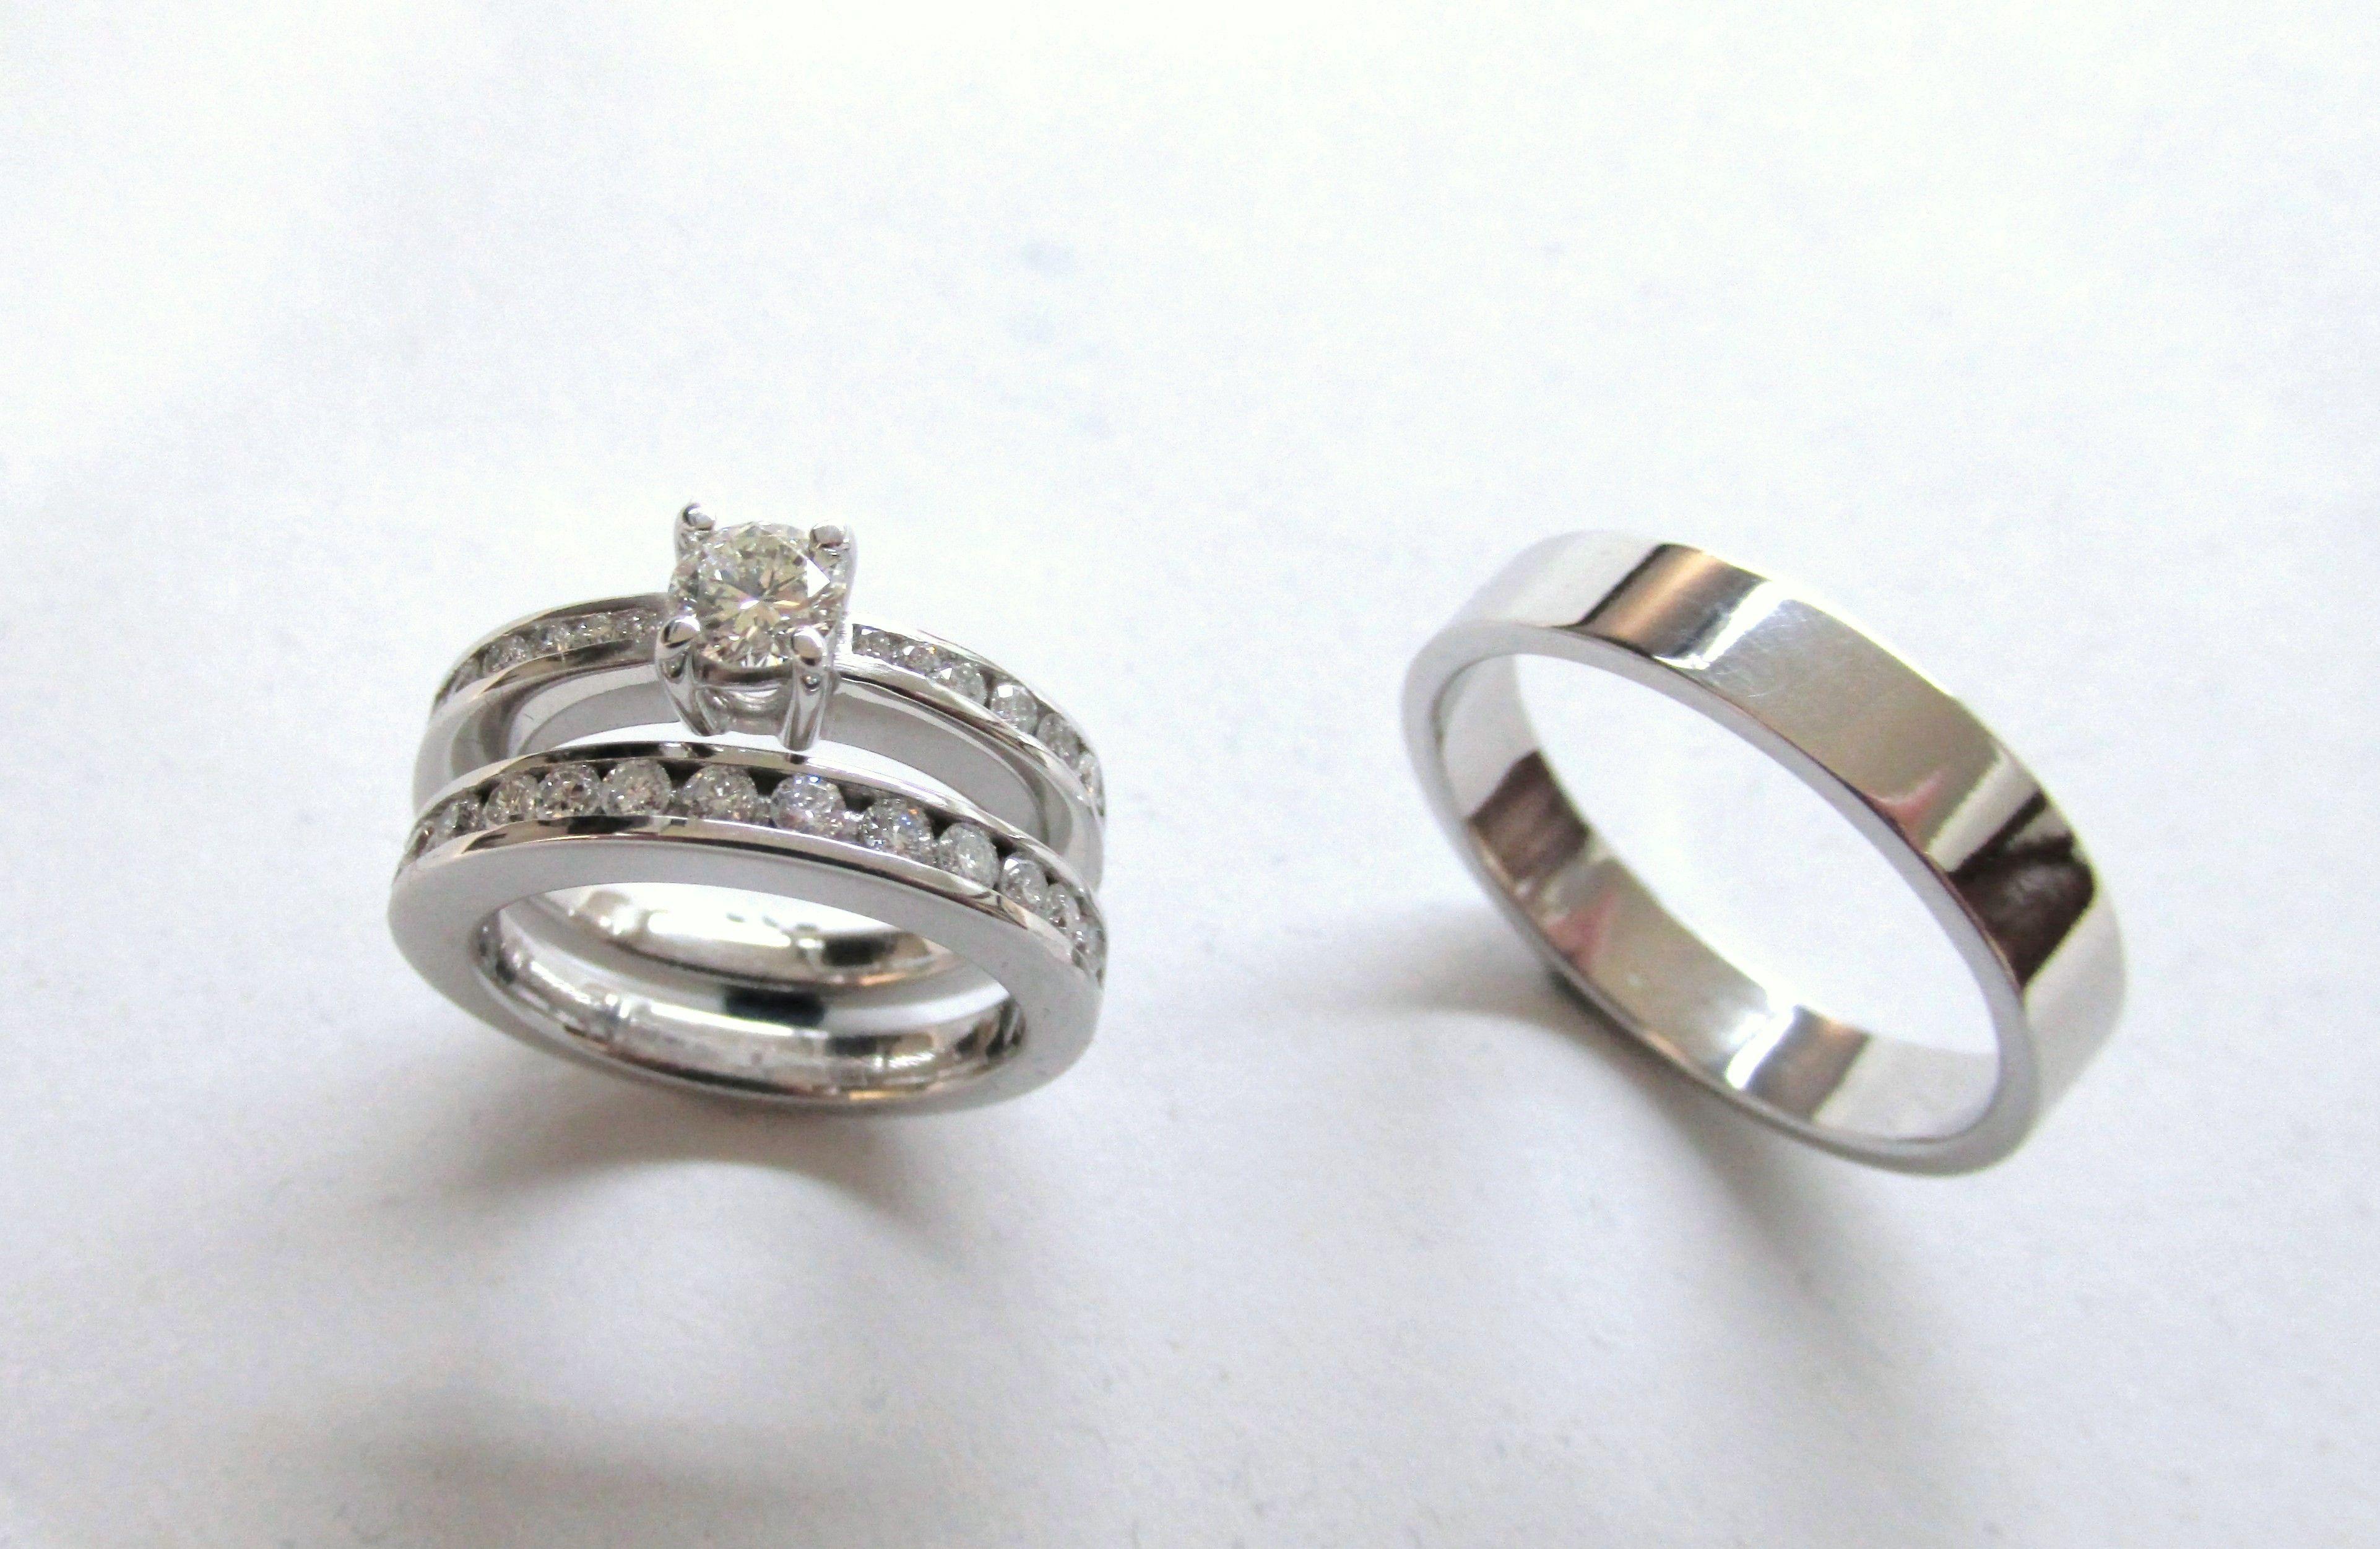 1fbfcadd3467 Hermoso diseño de Solitario y pisa argolla con diamantes y argolla para  hombre en oro blanco